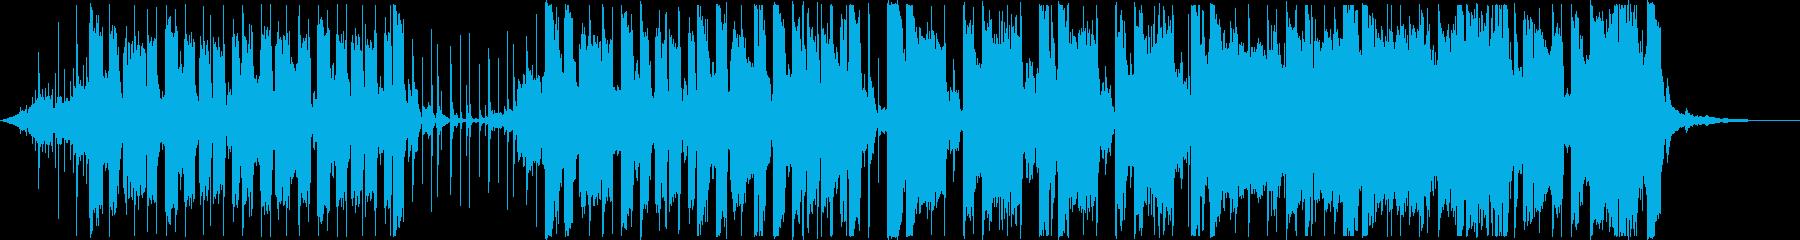 伝統的 ジャズ ビバップ ポップ ...の再生済みの波形